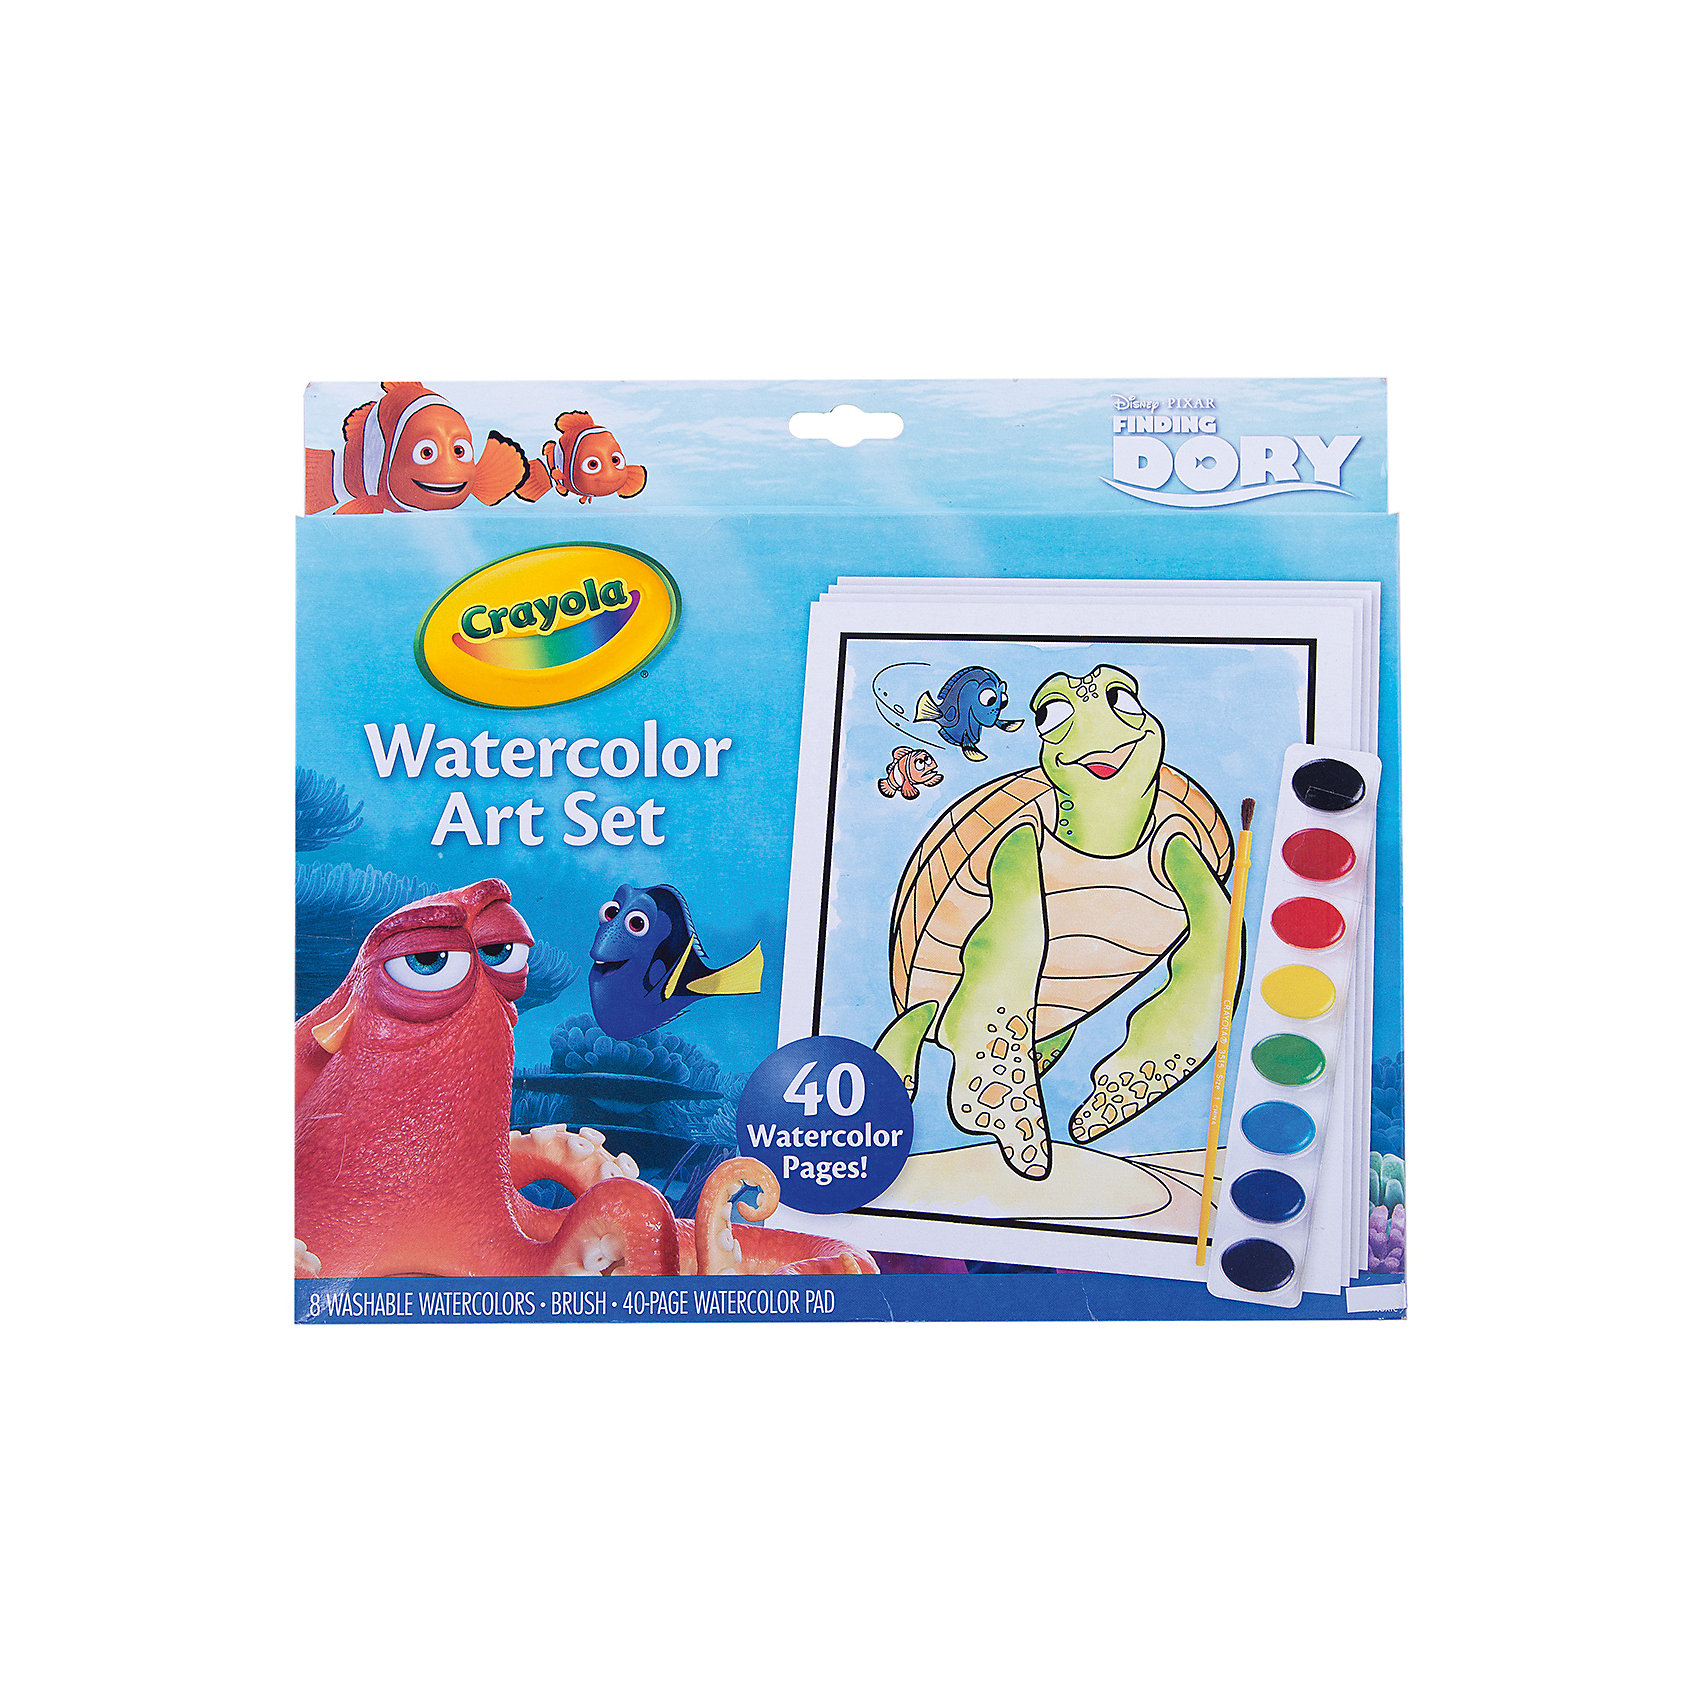 Набор с краской и раскрасками В поисках Дори, CrayolaНаборы для раскрашивания<br>Набор с краской и раскрасками В поисках Дори включает в себя 40 листов для раскрашивание, набор красок из 8 цветок и кисточку. Краски состоят из фиолетового, синего, голубого, зеленого, желтого, красного, бордового и черного цветов. На каждой странице раскраски ребенок сможет найти известных персонажей мультфильма «В поисках Немо». Картинки отлично прорисованы, что позволит ребенку более качественно ее раскрасить. Яркая обложка раскраски очень красочна, на ней тоже изображены веселые герои мультфильма на фоне воды и морской растительности. Изделие выполнено из прочной и качественной бумаги высокого качества. <br>Рекомендуемый возраст: от 3 лет.<br><br>Ширина мм: 299<br>Глубина мм: 255<br>Высота мм: 17<br>Вес г: 264<br>Возраст от месяцев: 36<br>Возраст до месяцев: 60<br>Пол: Унисекс<br>Возраст: Детский<br>SKU: 4592402